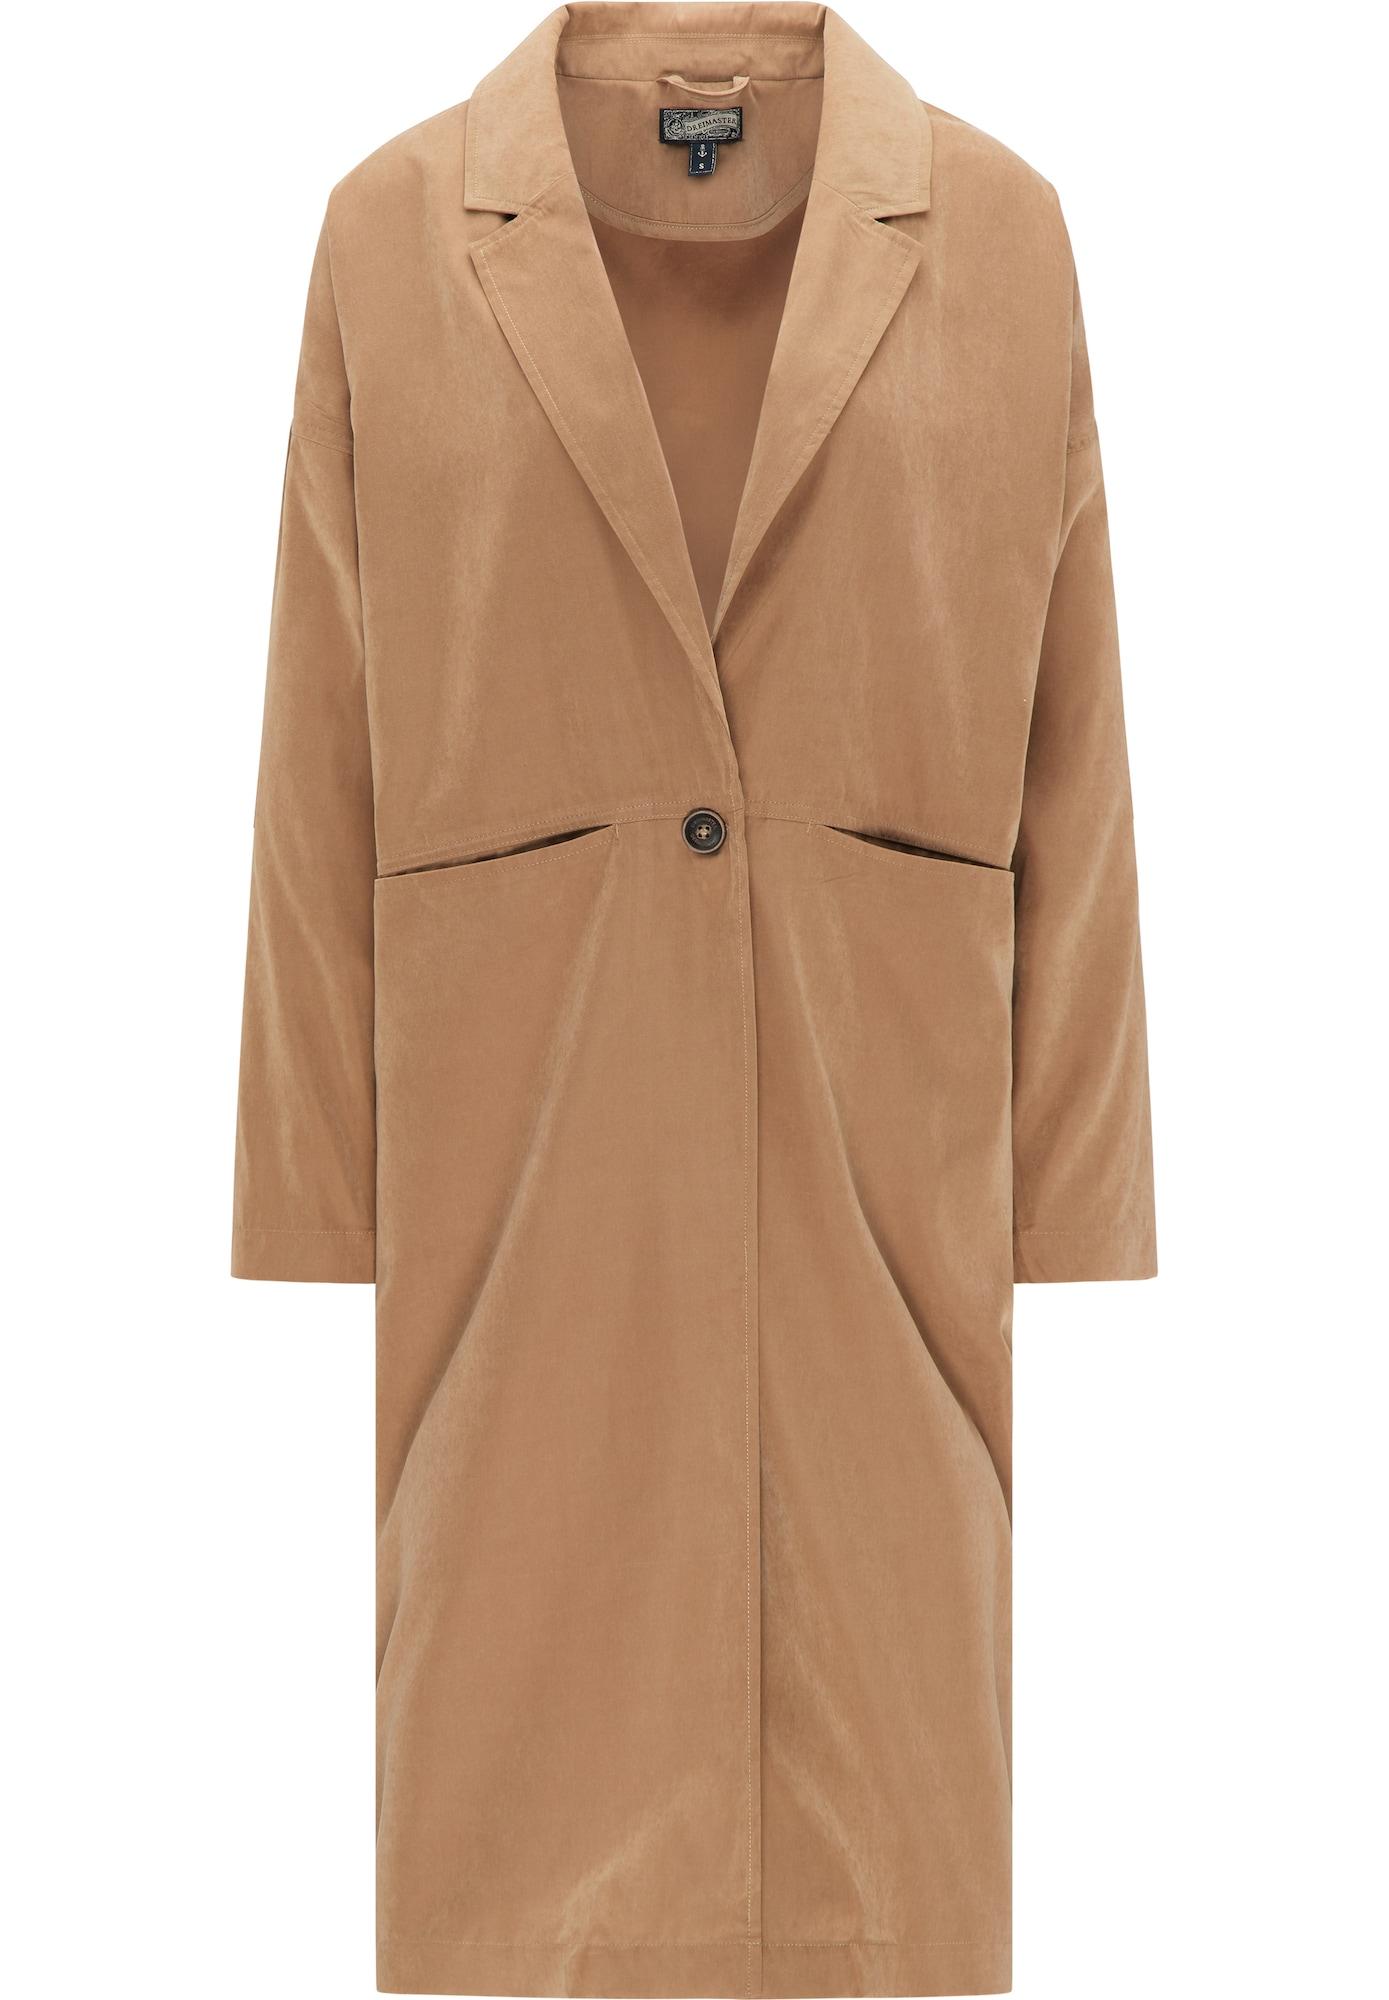 DreiMaster Vintage Vasarinis paltas gelsvai pilka spalva